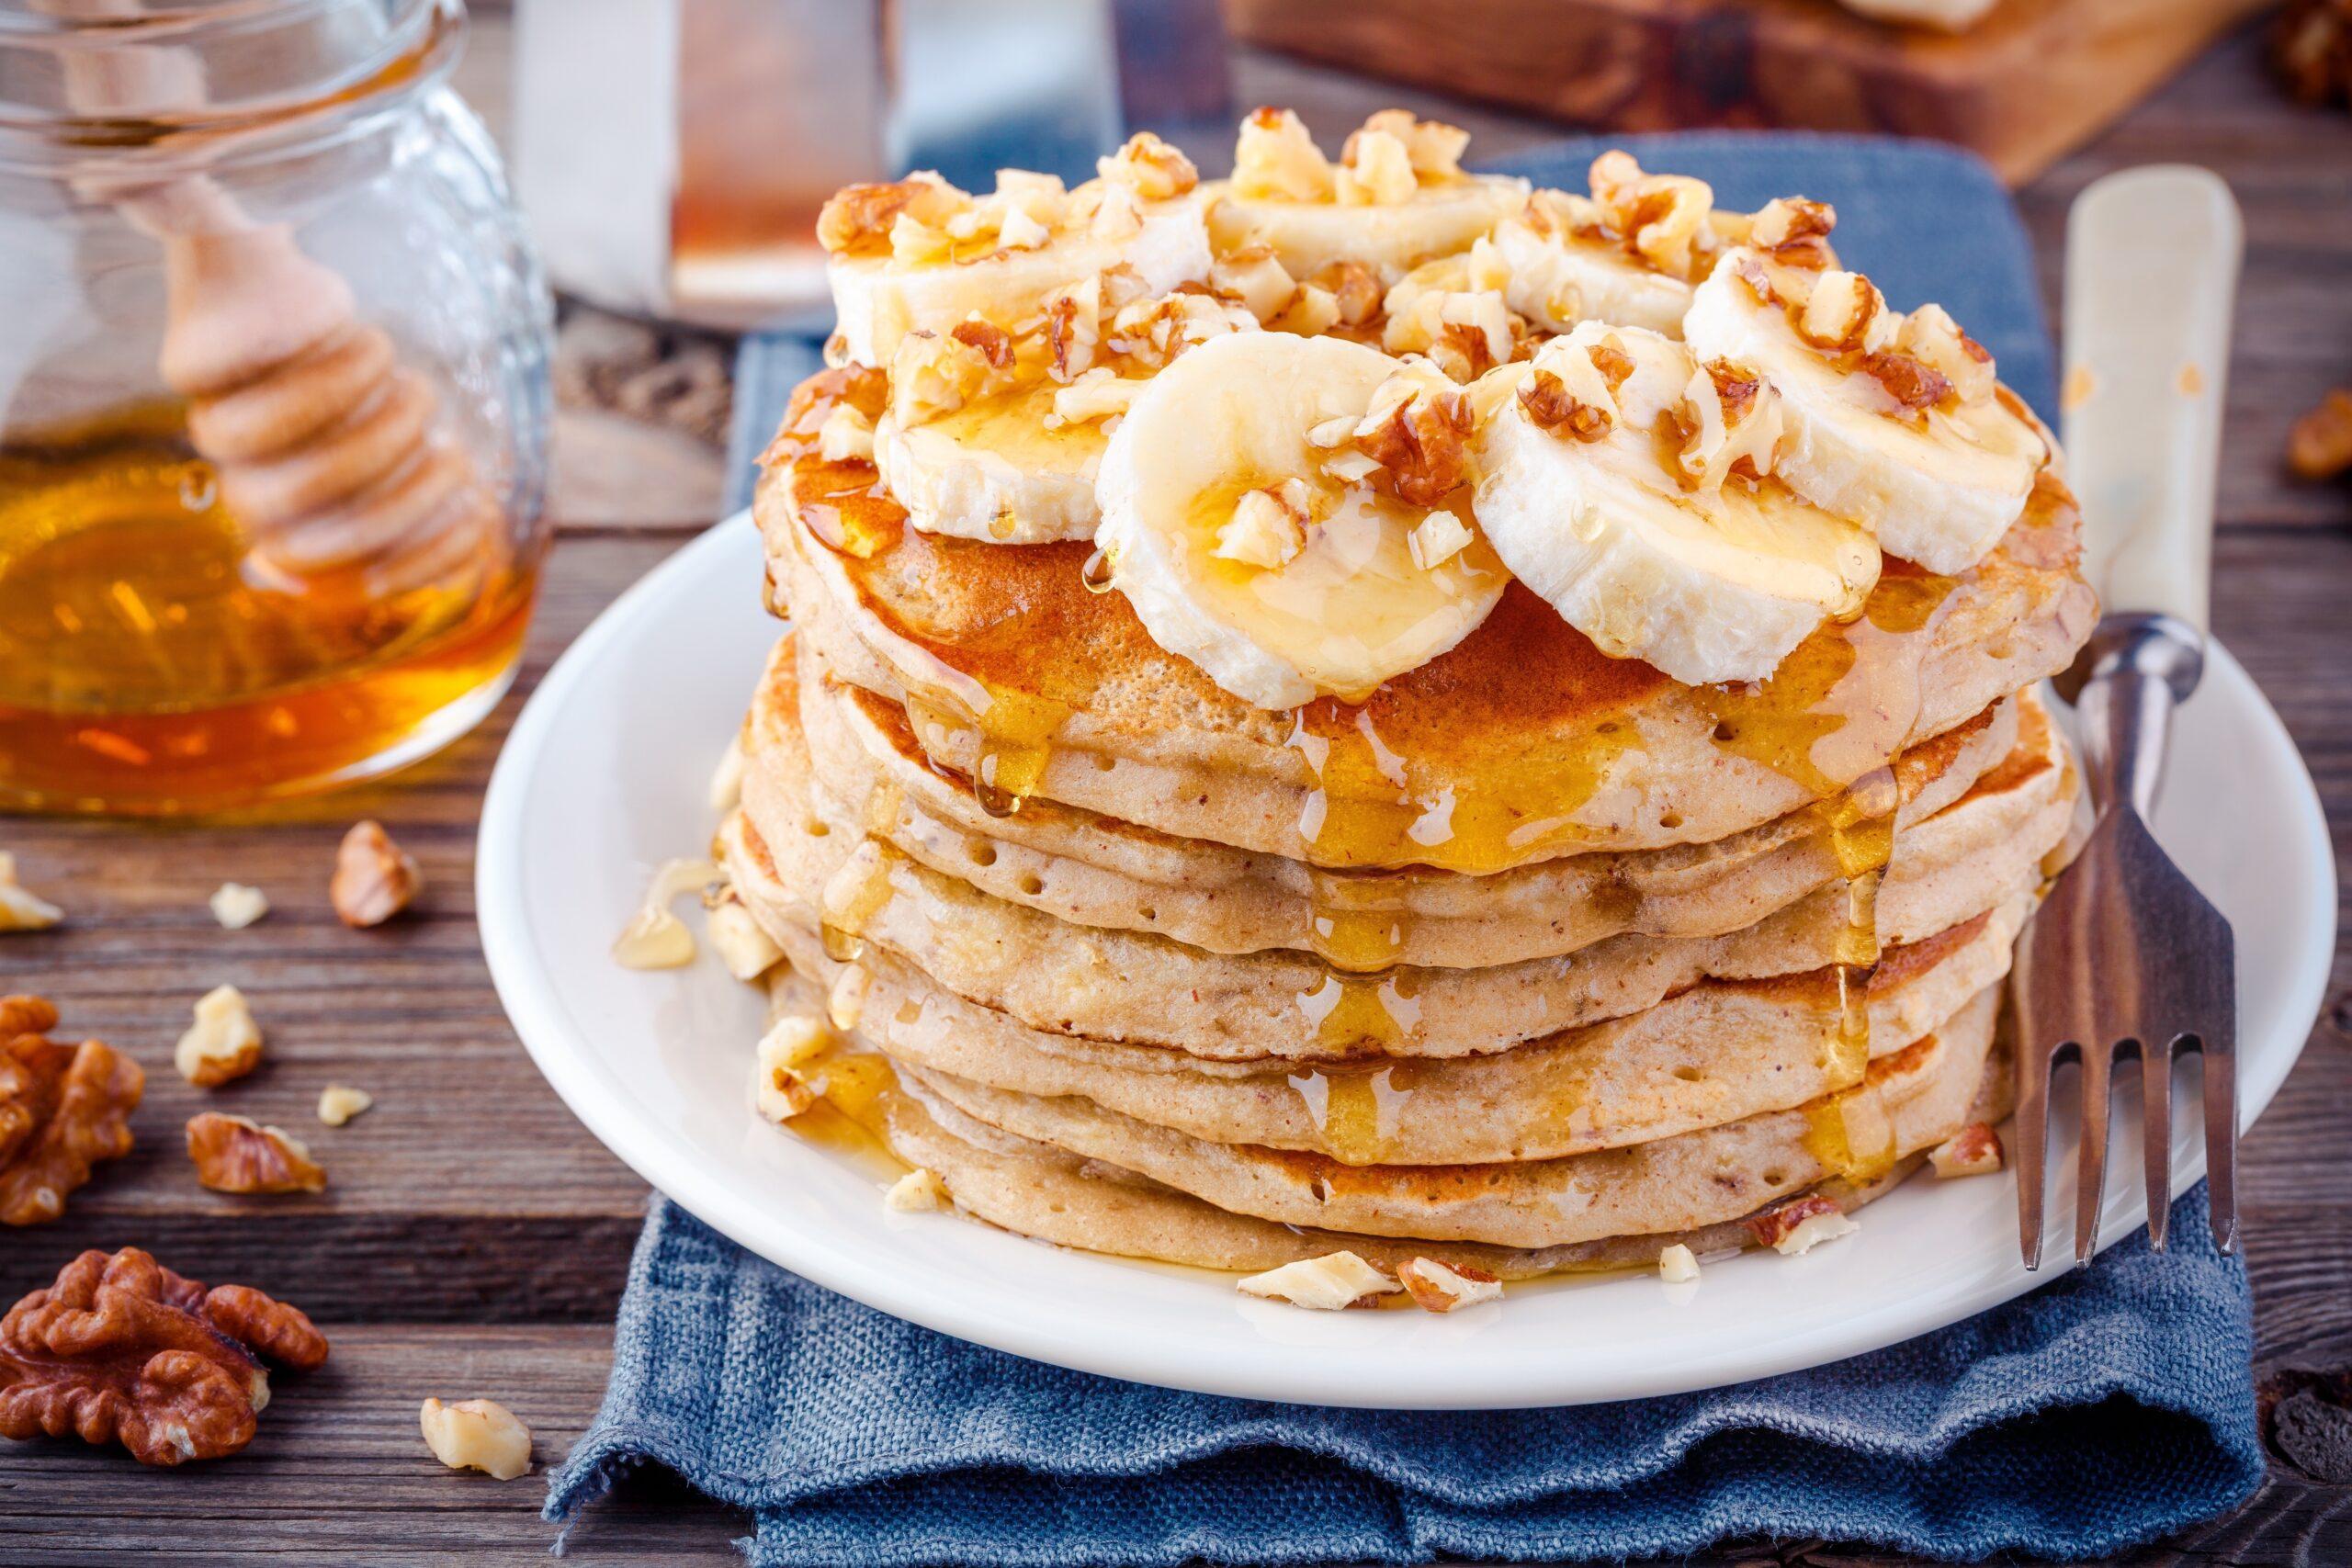 Rețetă de clătite cu banane, propunere de servire, direct pe blatul din bucătărie